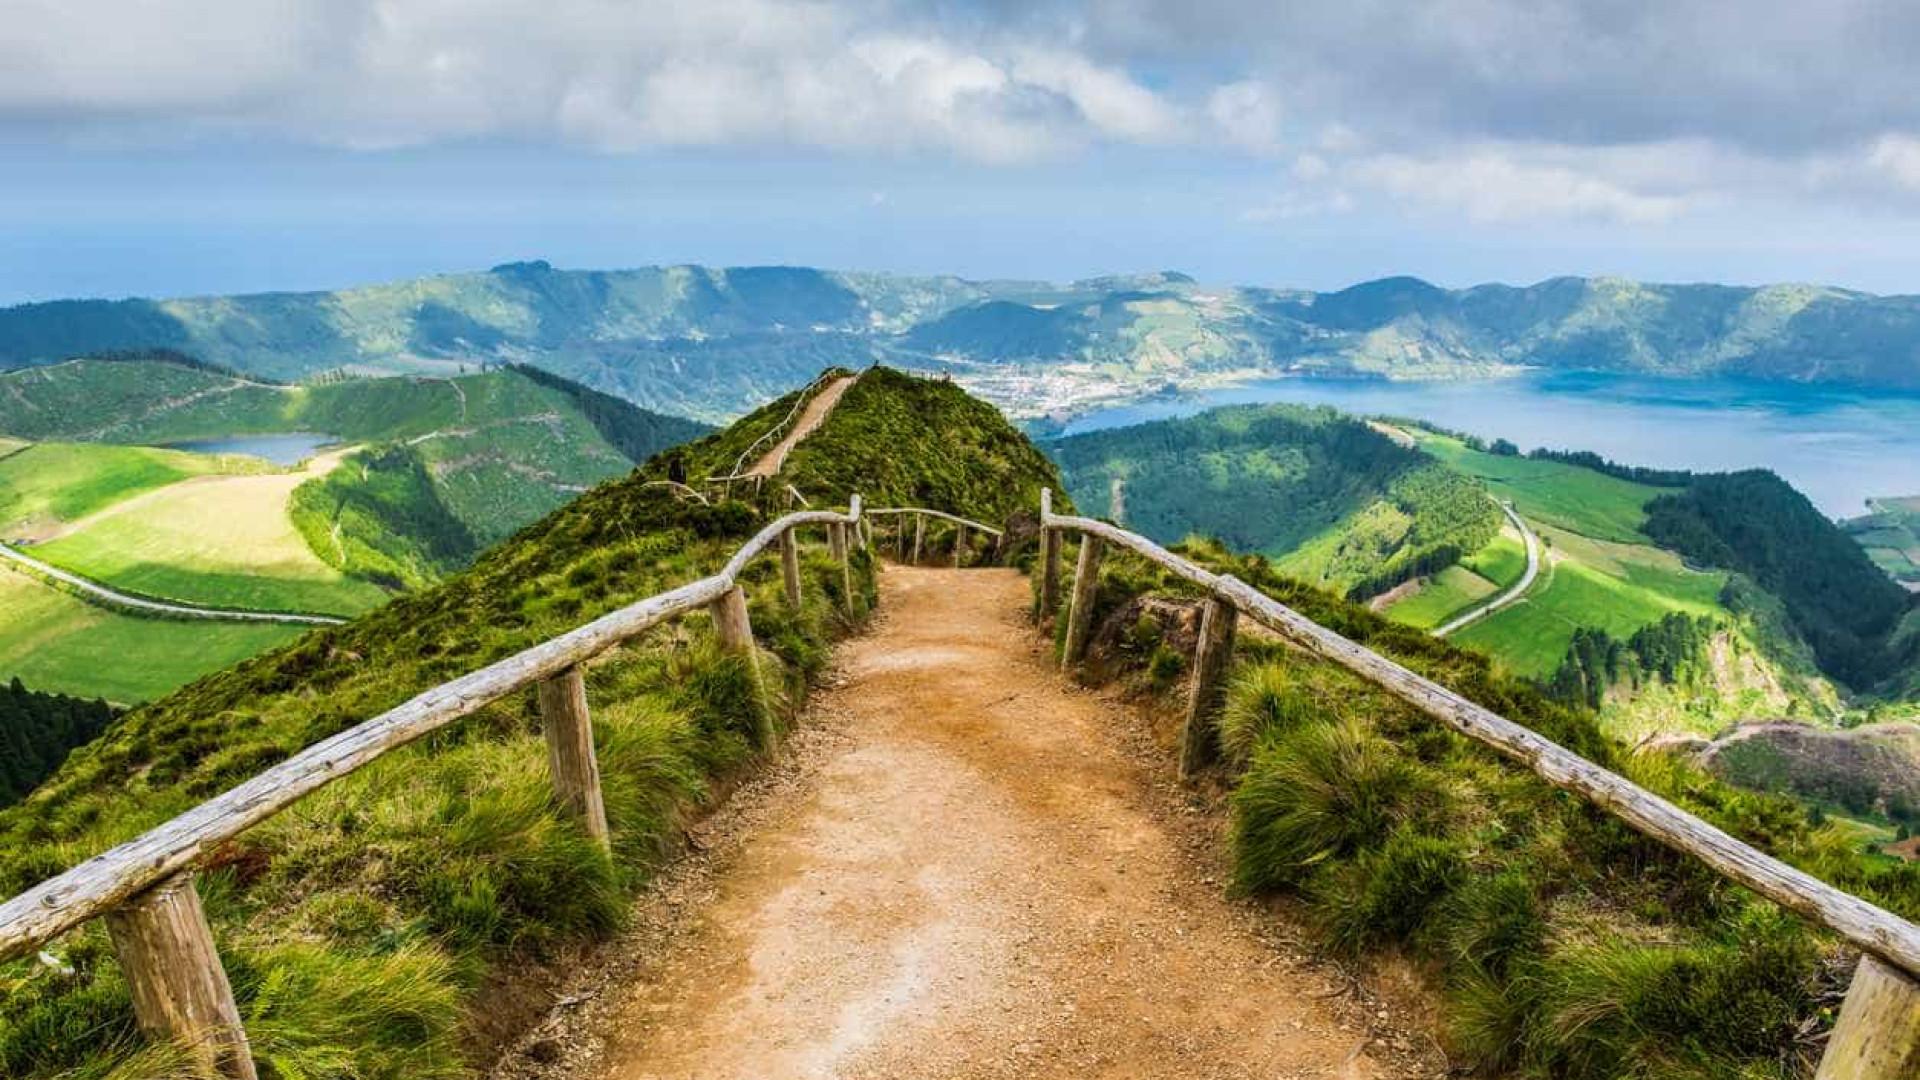 Covid-19: Turistas podem circular entre concelhos apesar das restrições